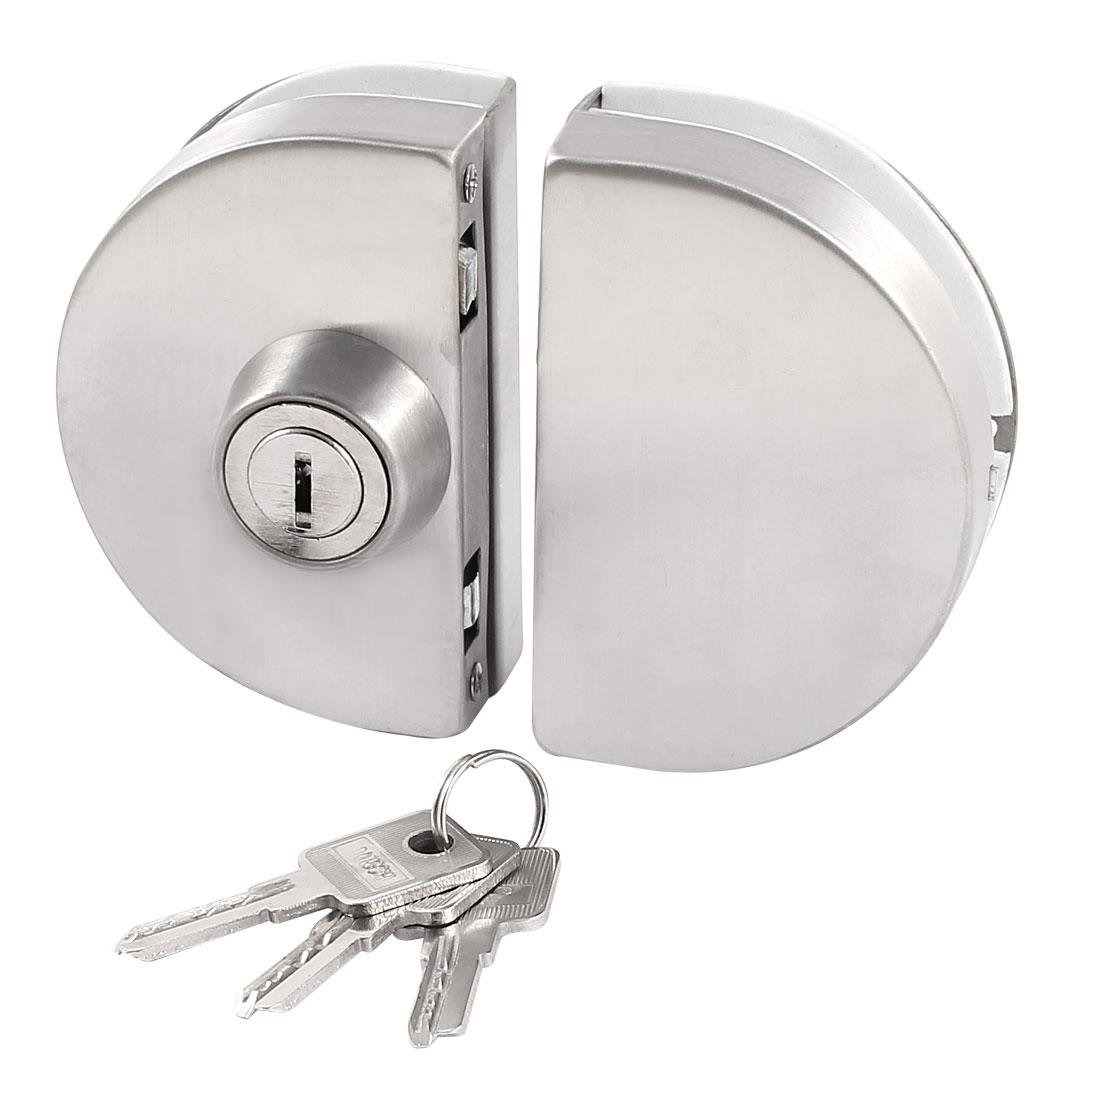 2018 Entry Gate Double Swing Push Pull Sliding Frameless Glass Door Lock From Ux168car 21 96 Dhgate Com